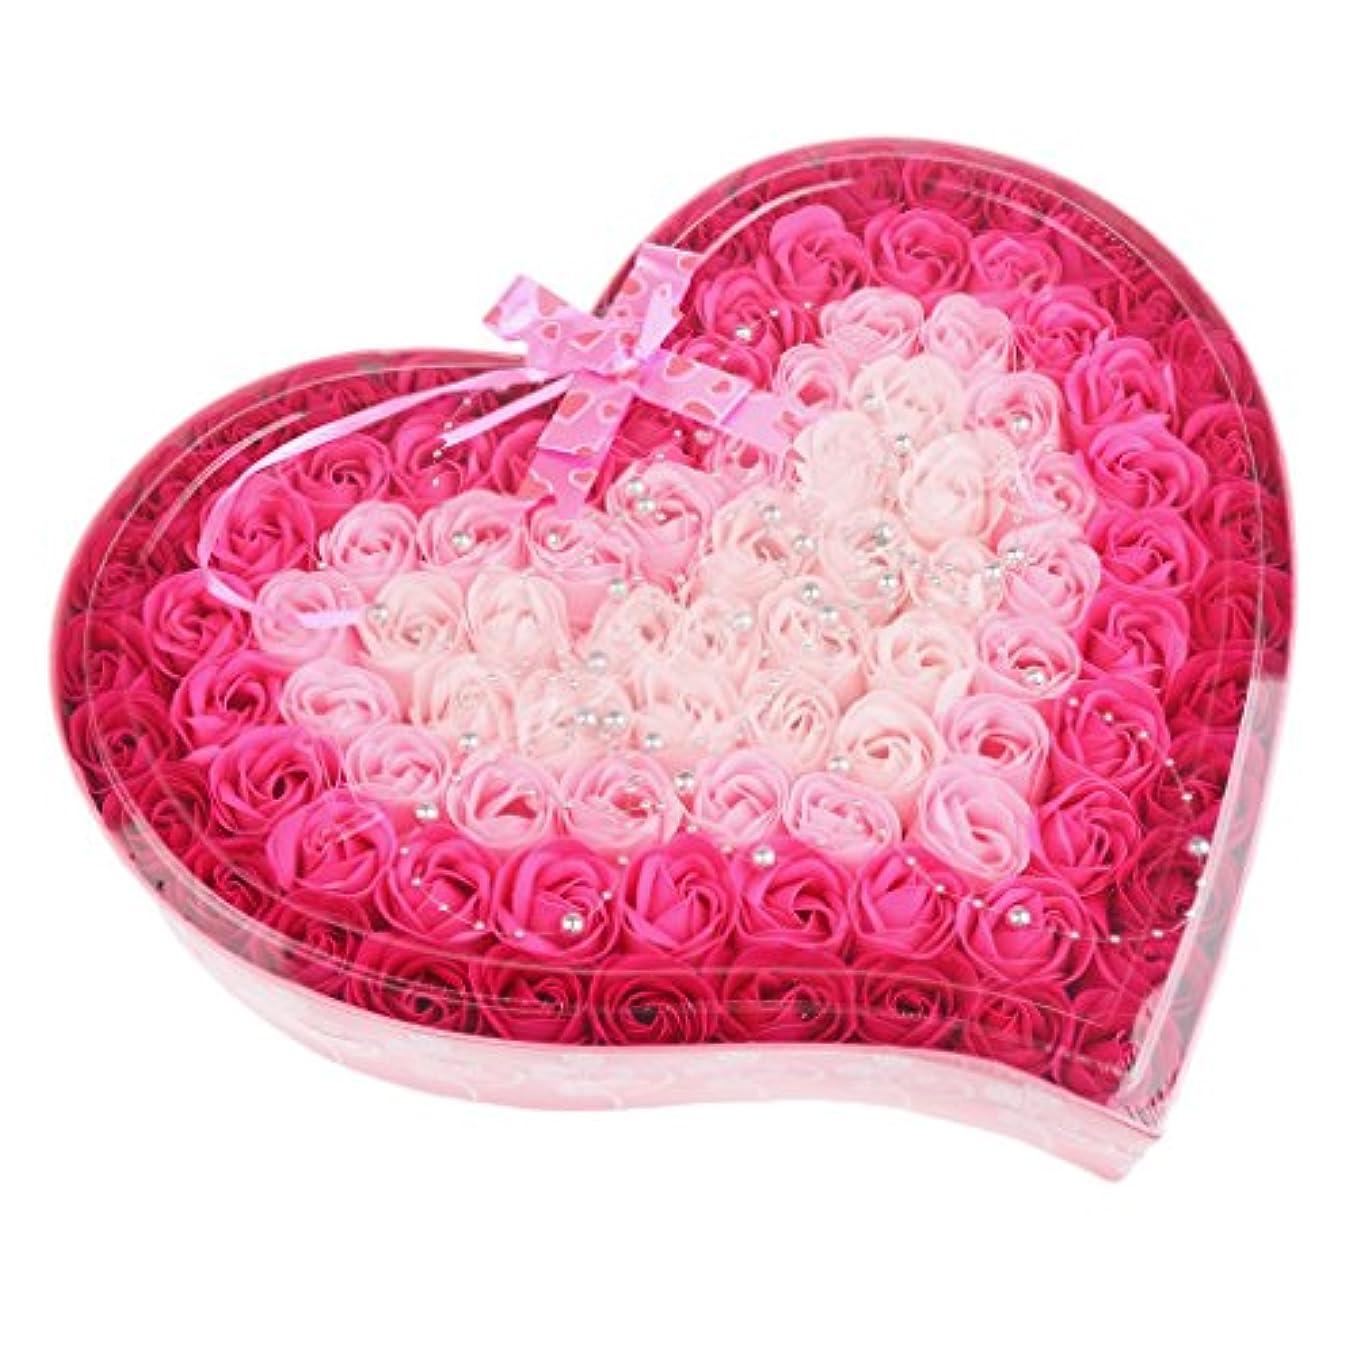 変換する仲間絶滅ソープフラワー 石鹸花 造花 フラワー ギフトボックス 誕生日 母の日 記念日 先生の日 バレンタインデー プレゼント 全4色選べる - ピンク